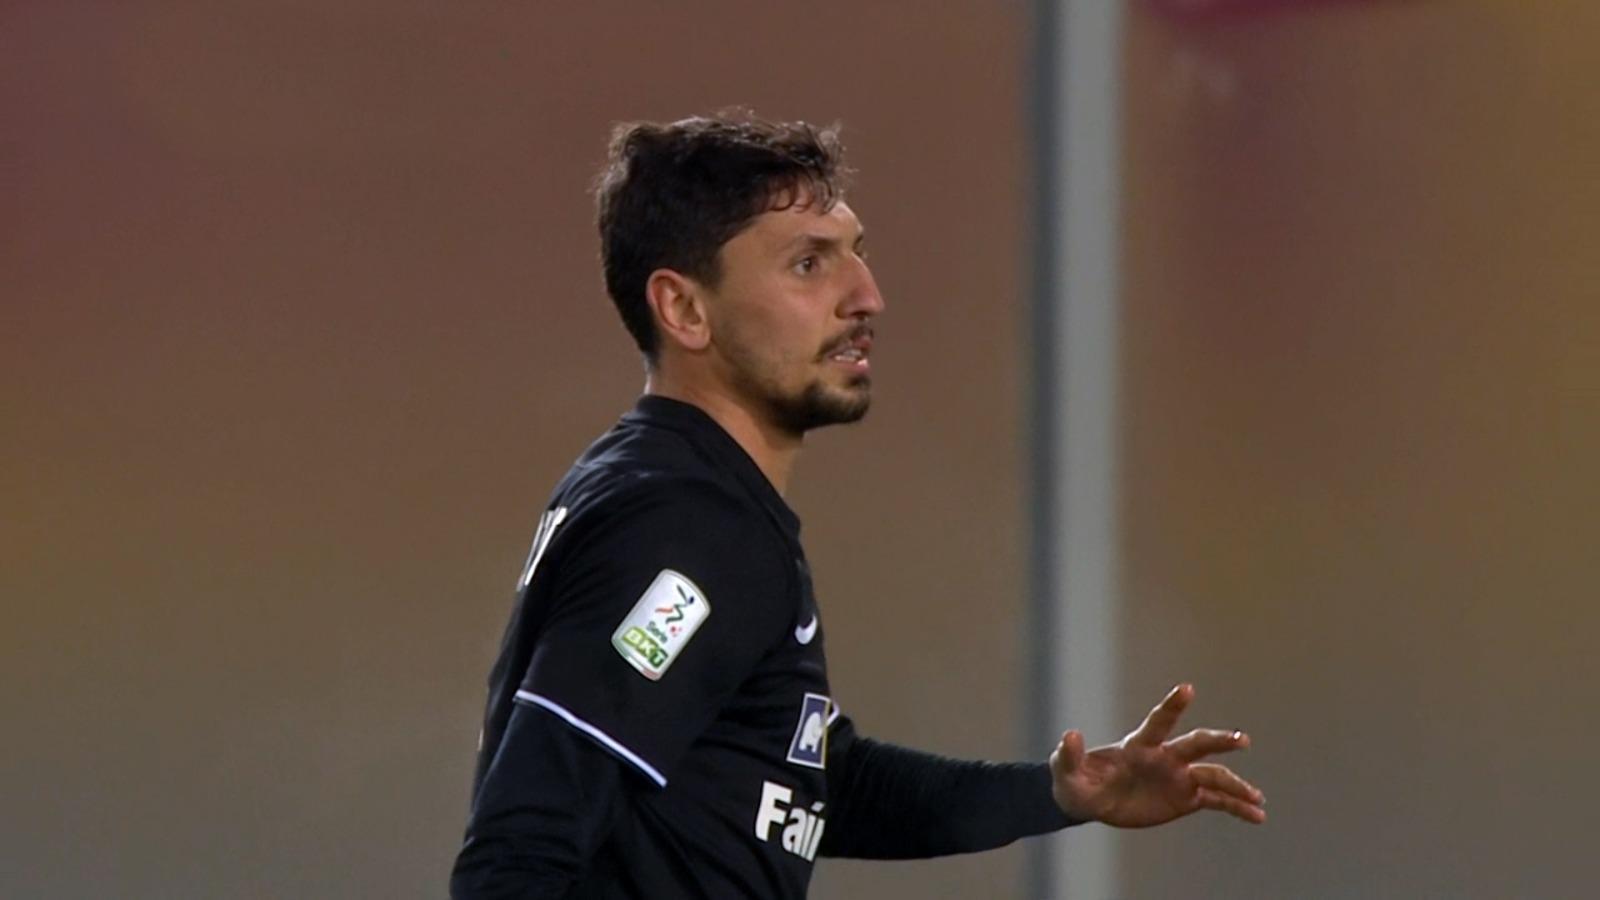 Ascoli Calcio, si intensificano i contatti per riportare D'Orazio in bianconero 90FC4F82-D655-11EB-97CF-8A8A3655F3F5